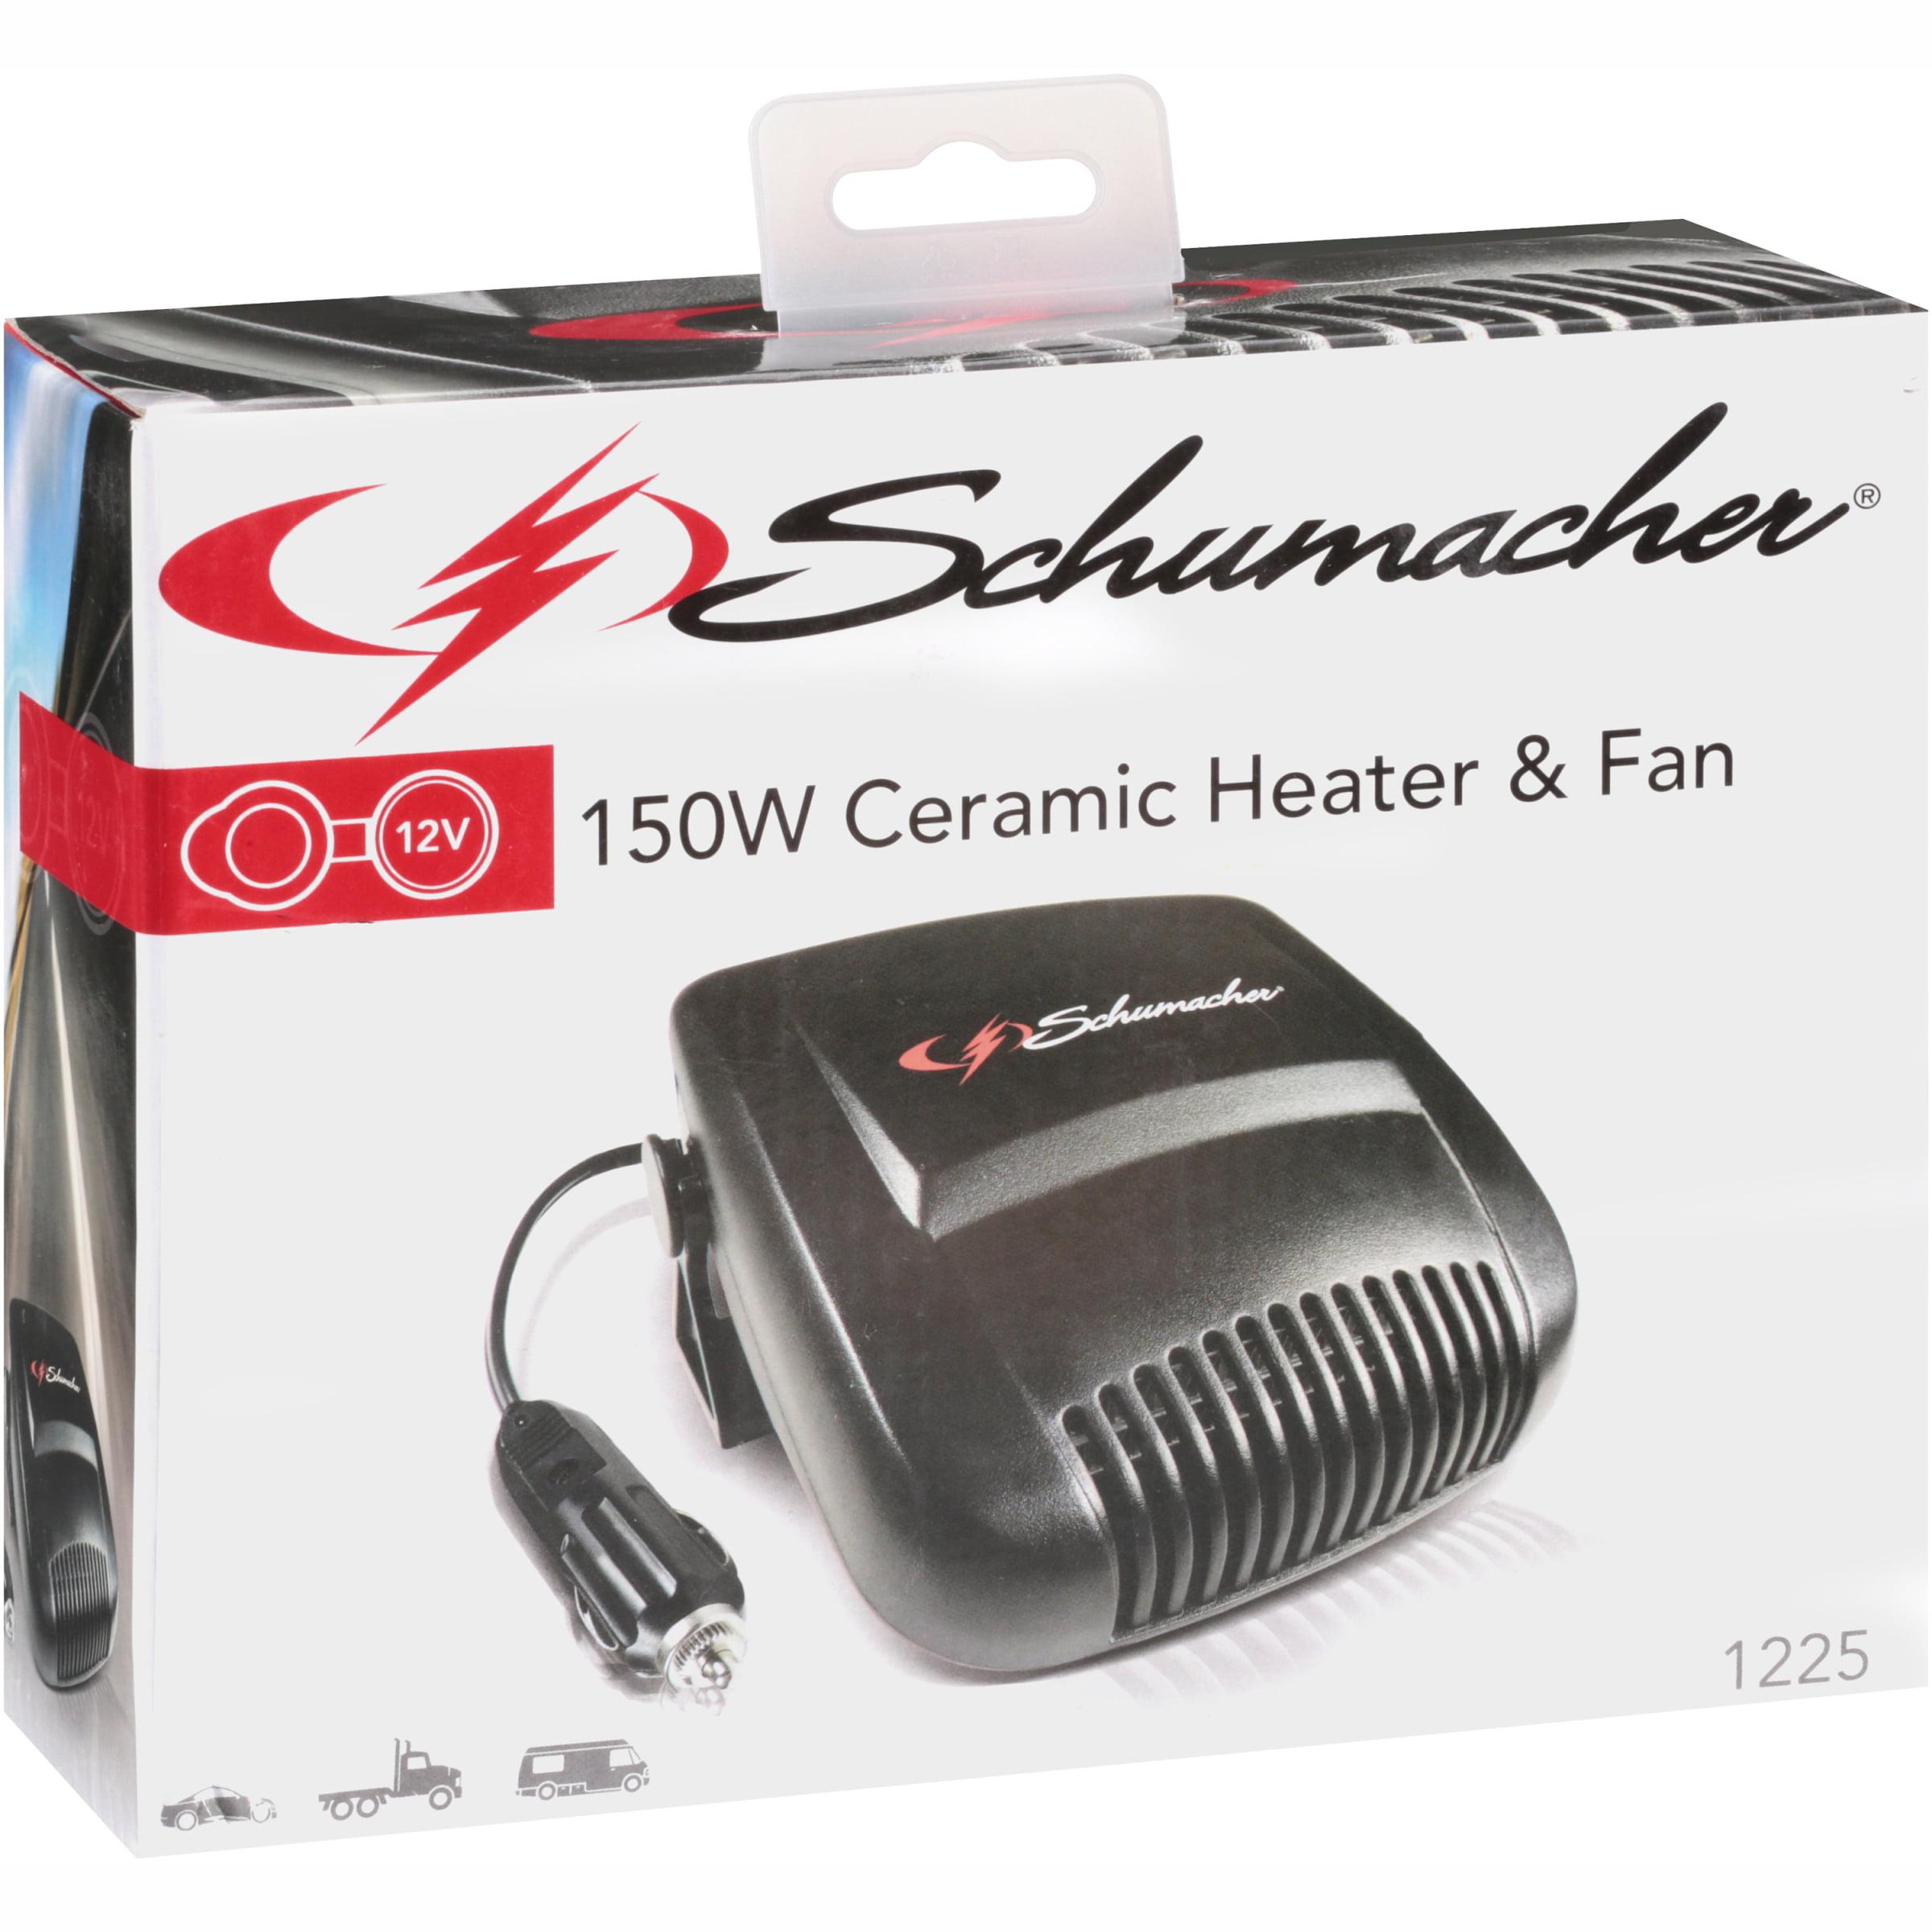 Schumacher 150w Ceramic Heater Fan Walmartcom